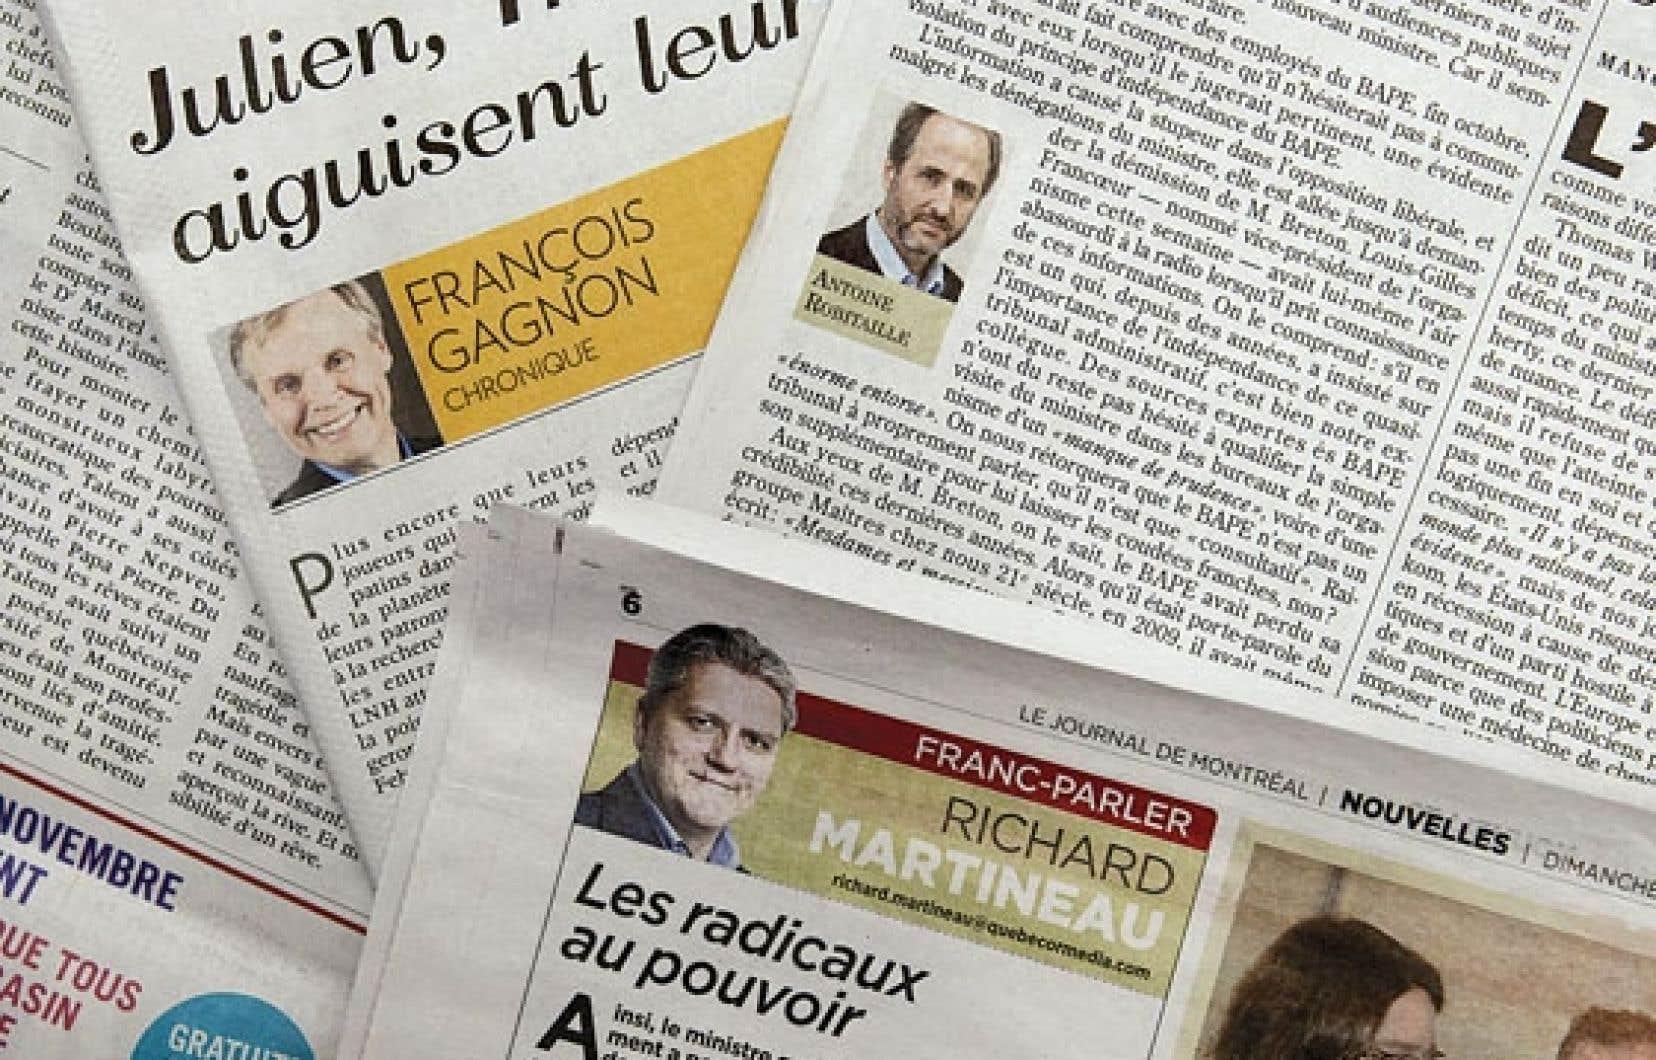 L'analyse du temps d'antenne et de la production écrite de 34 chroniqueurs dans les médias du Québec a été réalisée entre le 1er février et le 30 avril 2012, soit en plein conflit étudiant.